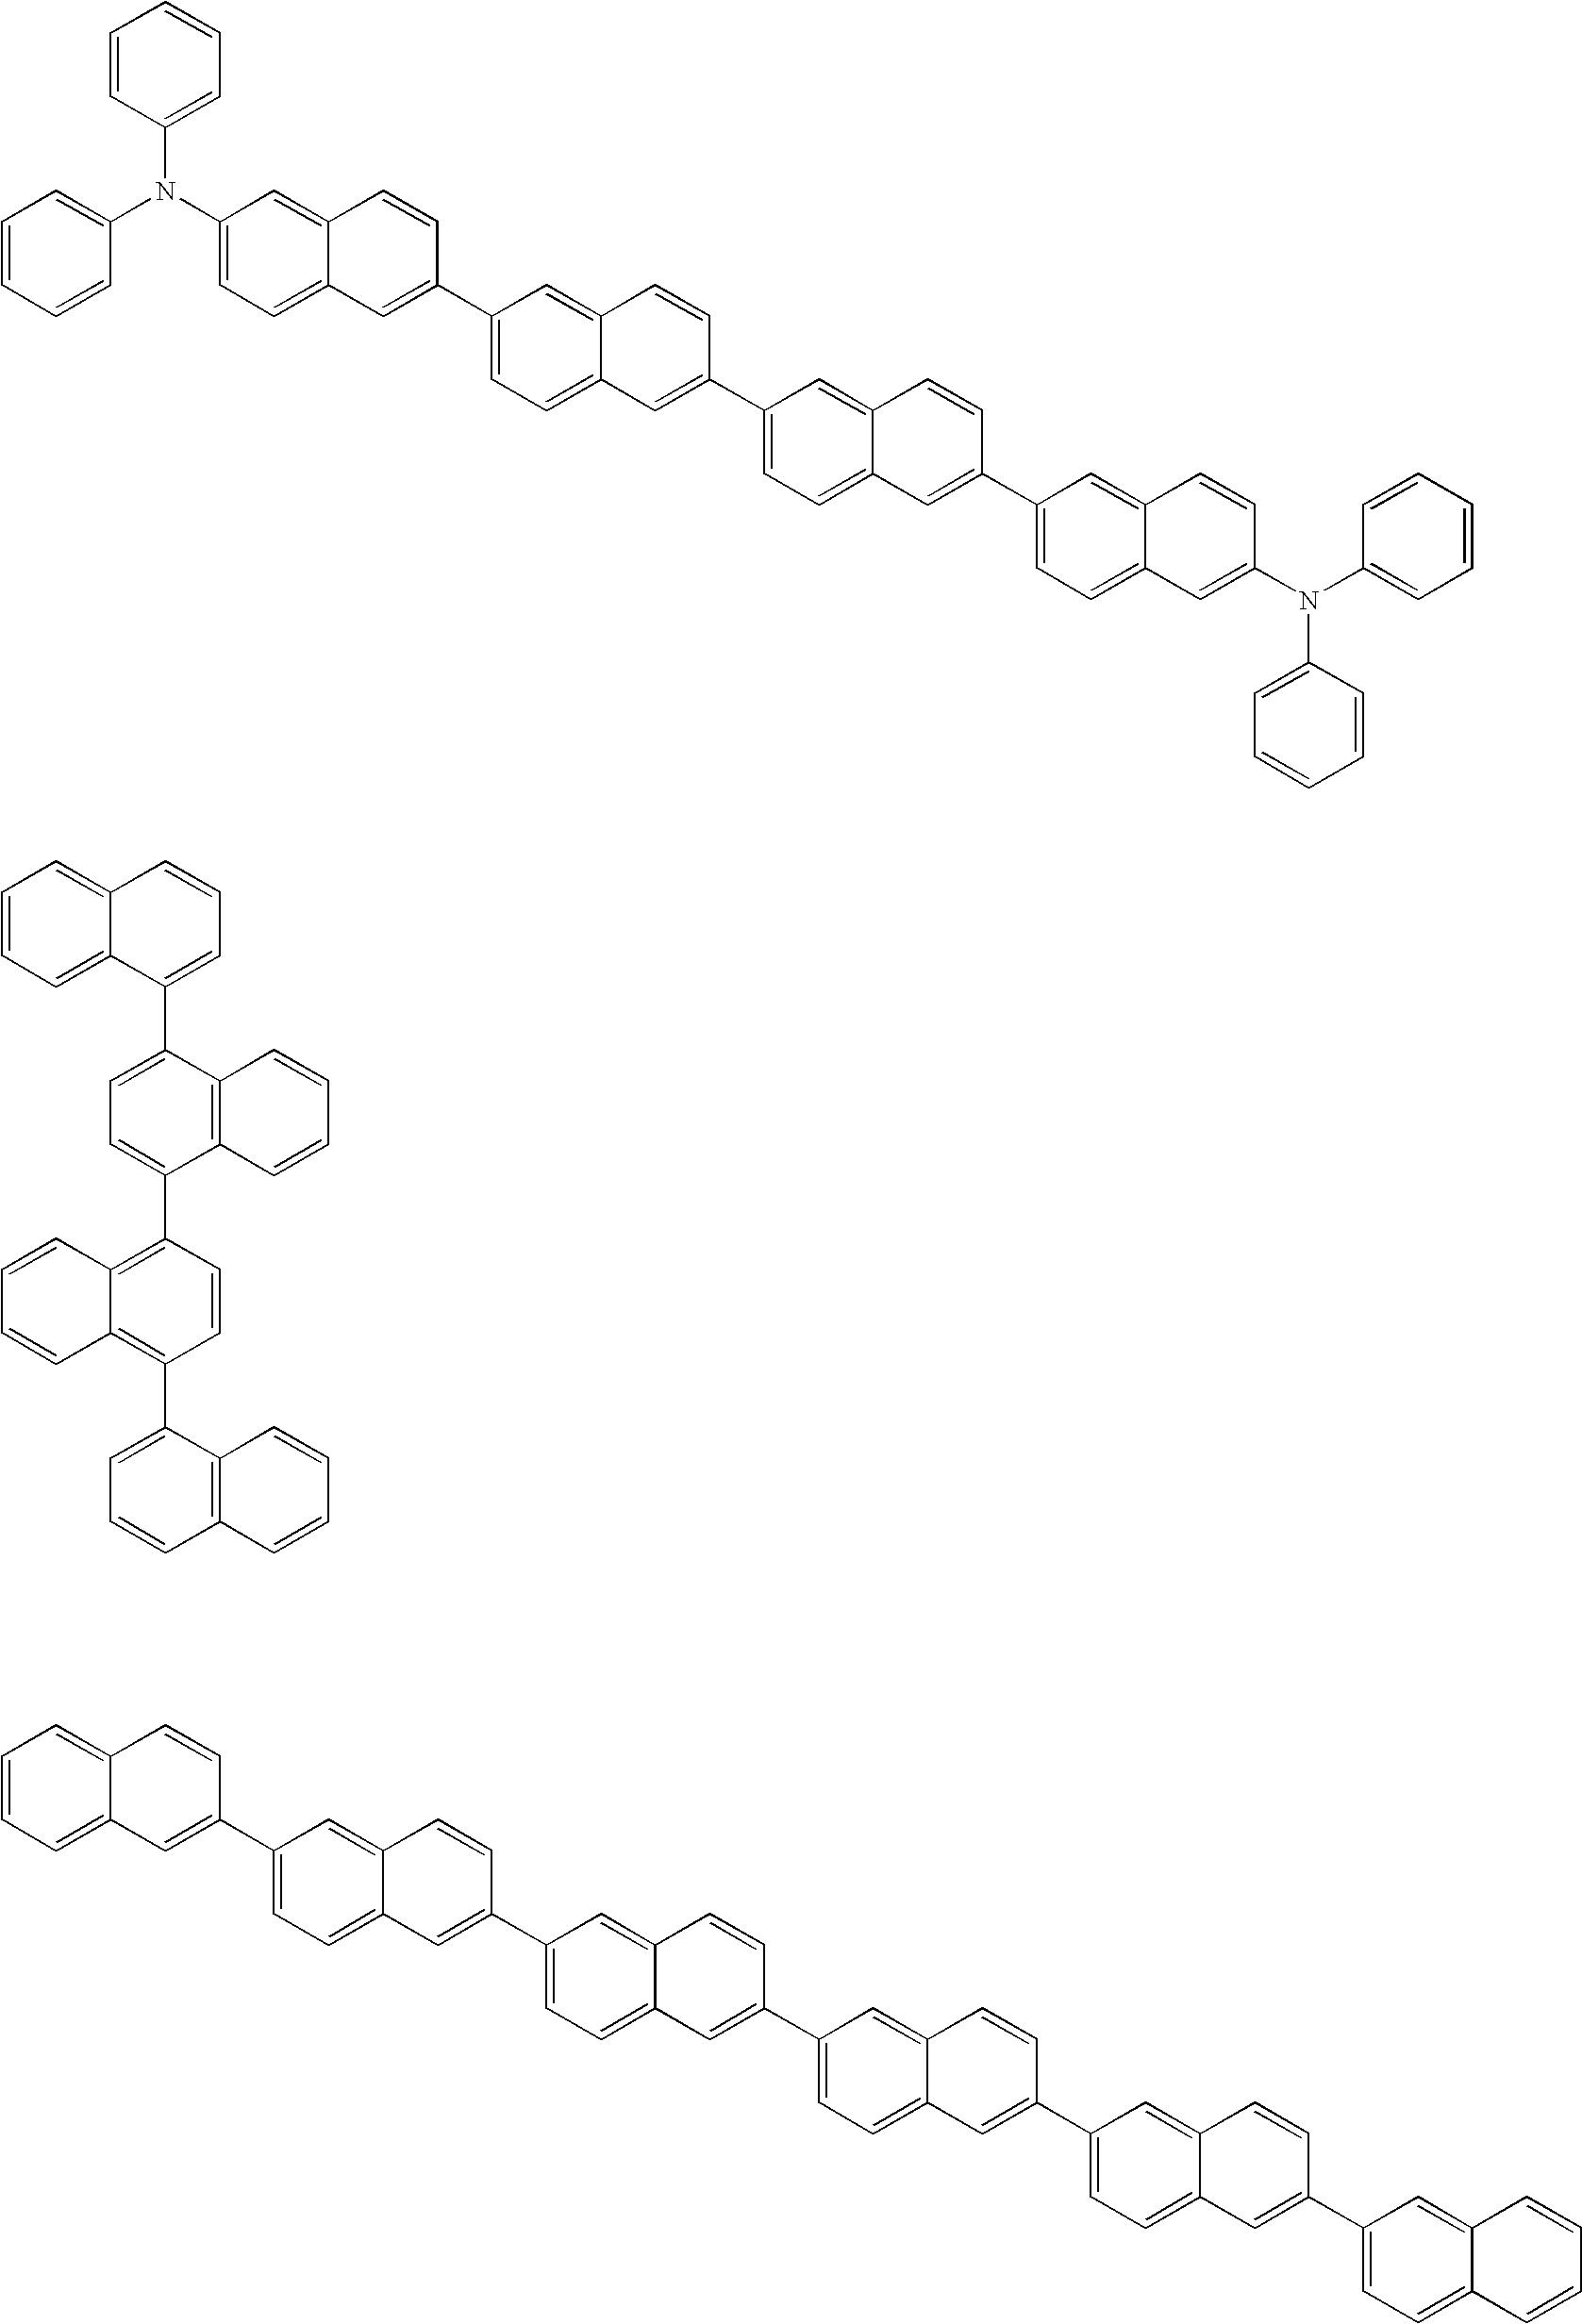 Figure US20100171109A1-20100708-C00105